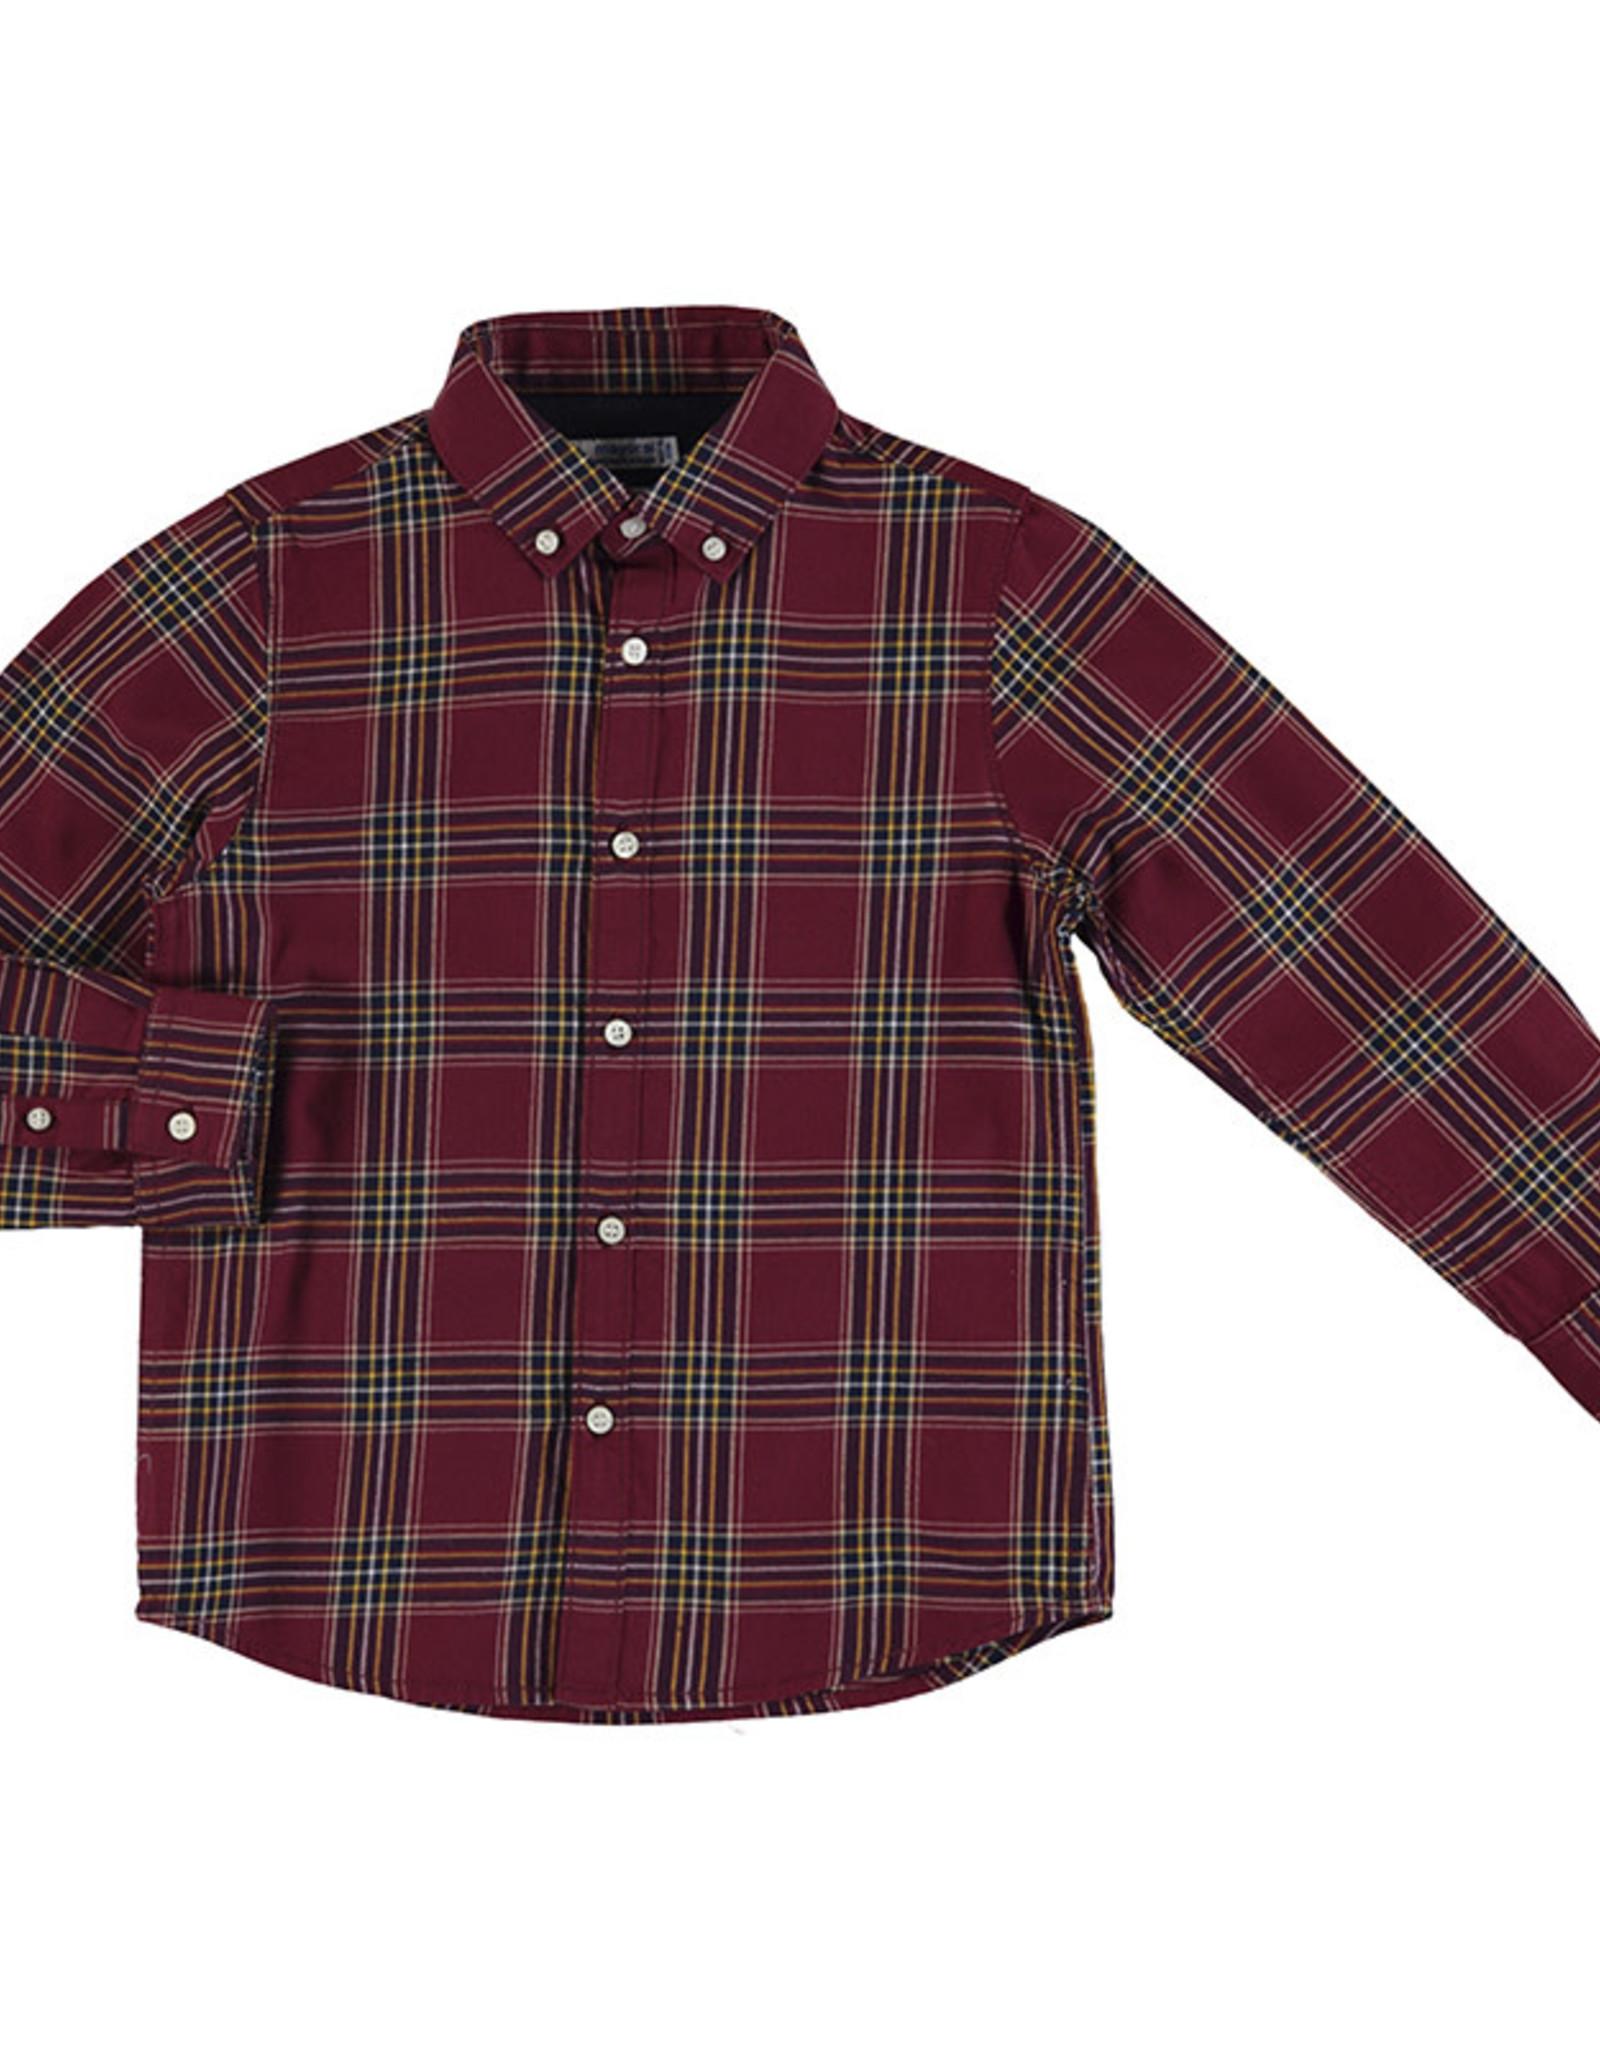 Mayoral Burgandy Tartan plaid shirt sizes 2-7